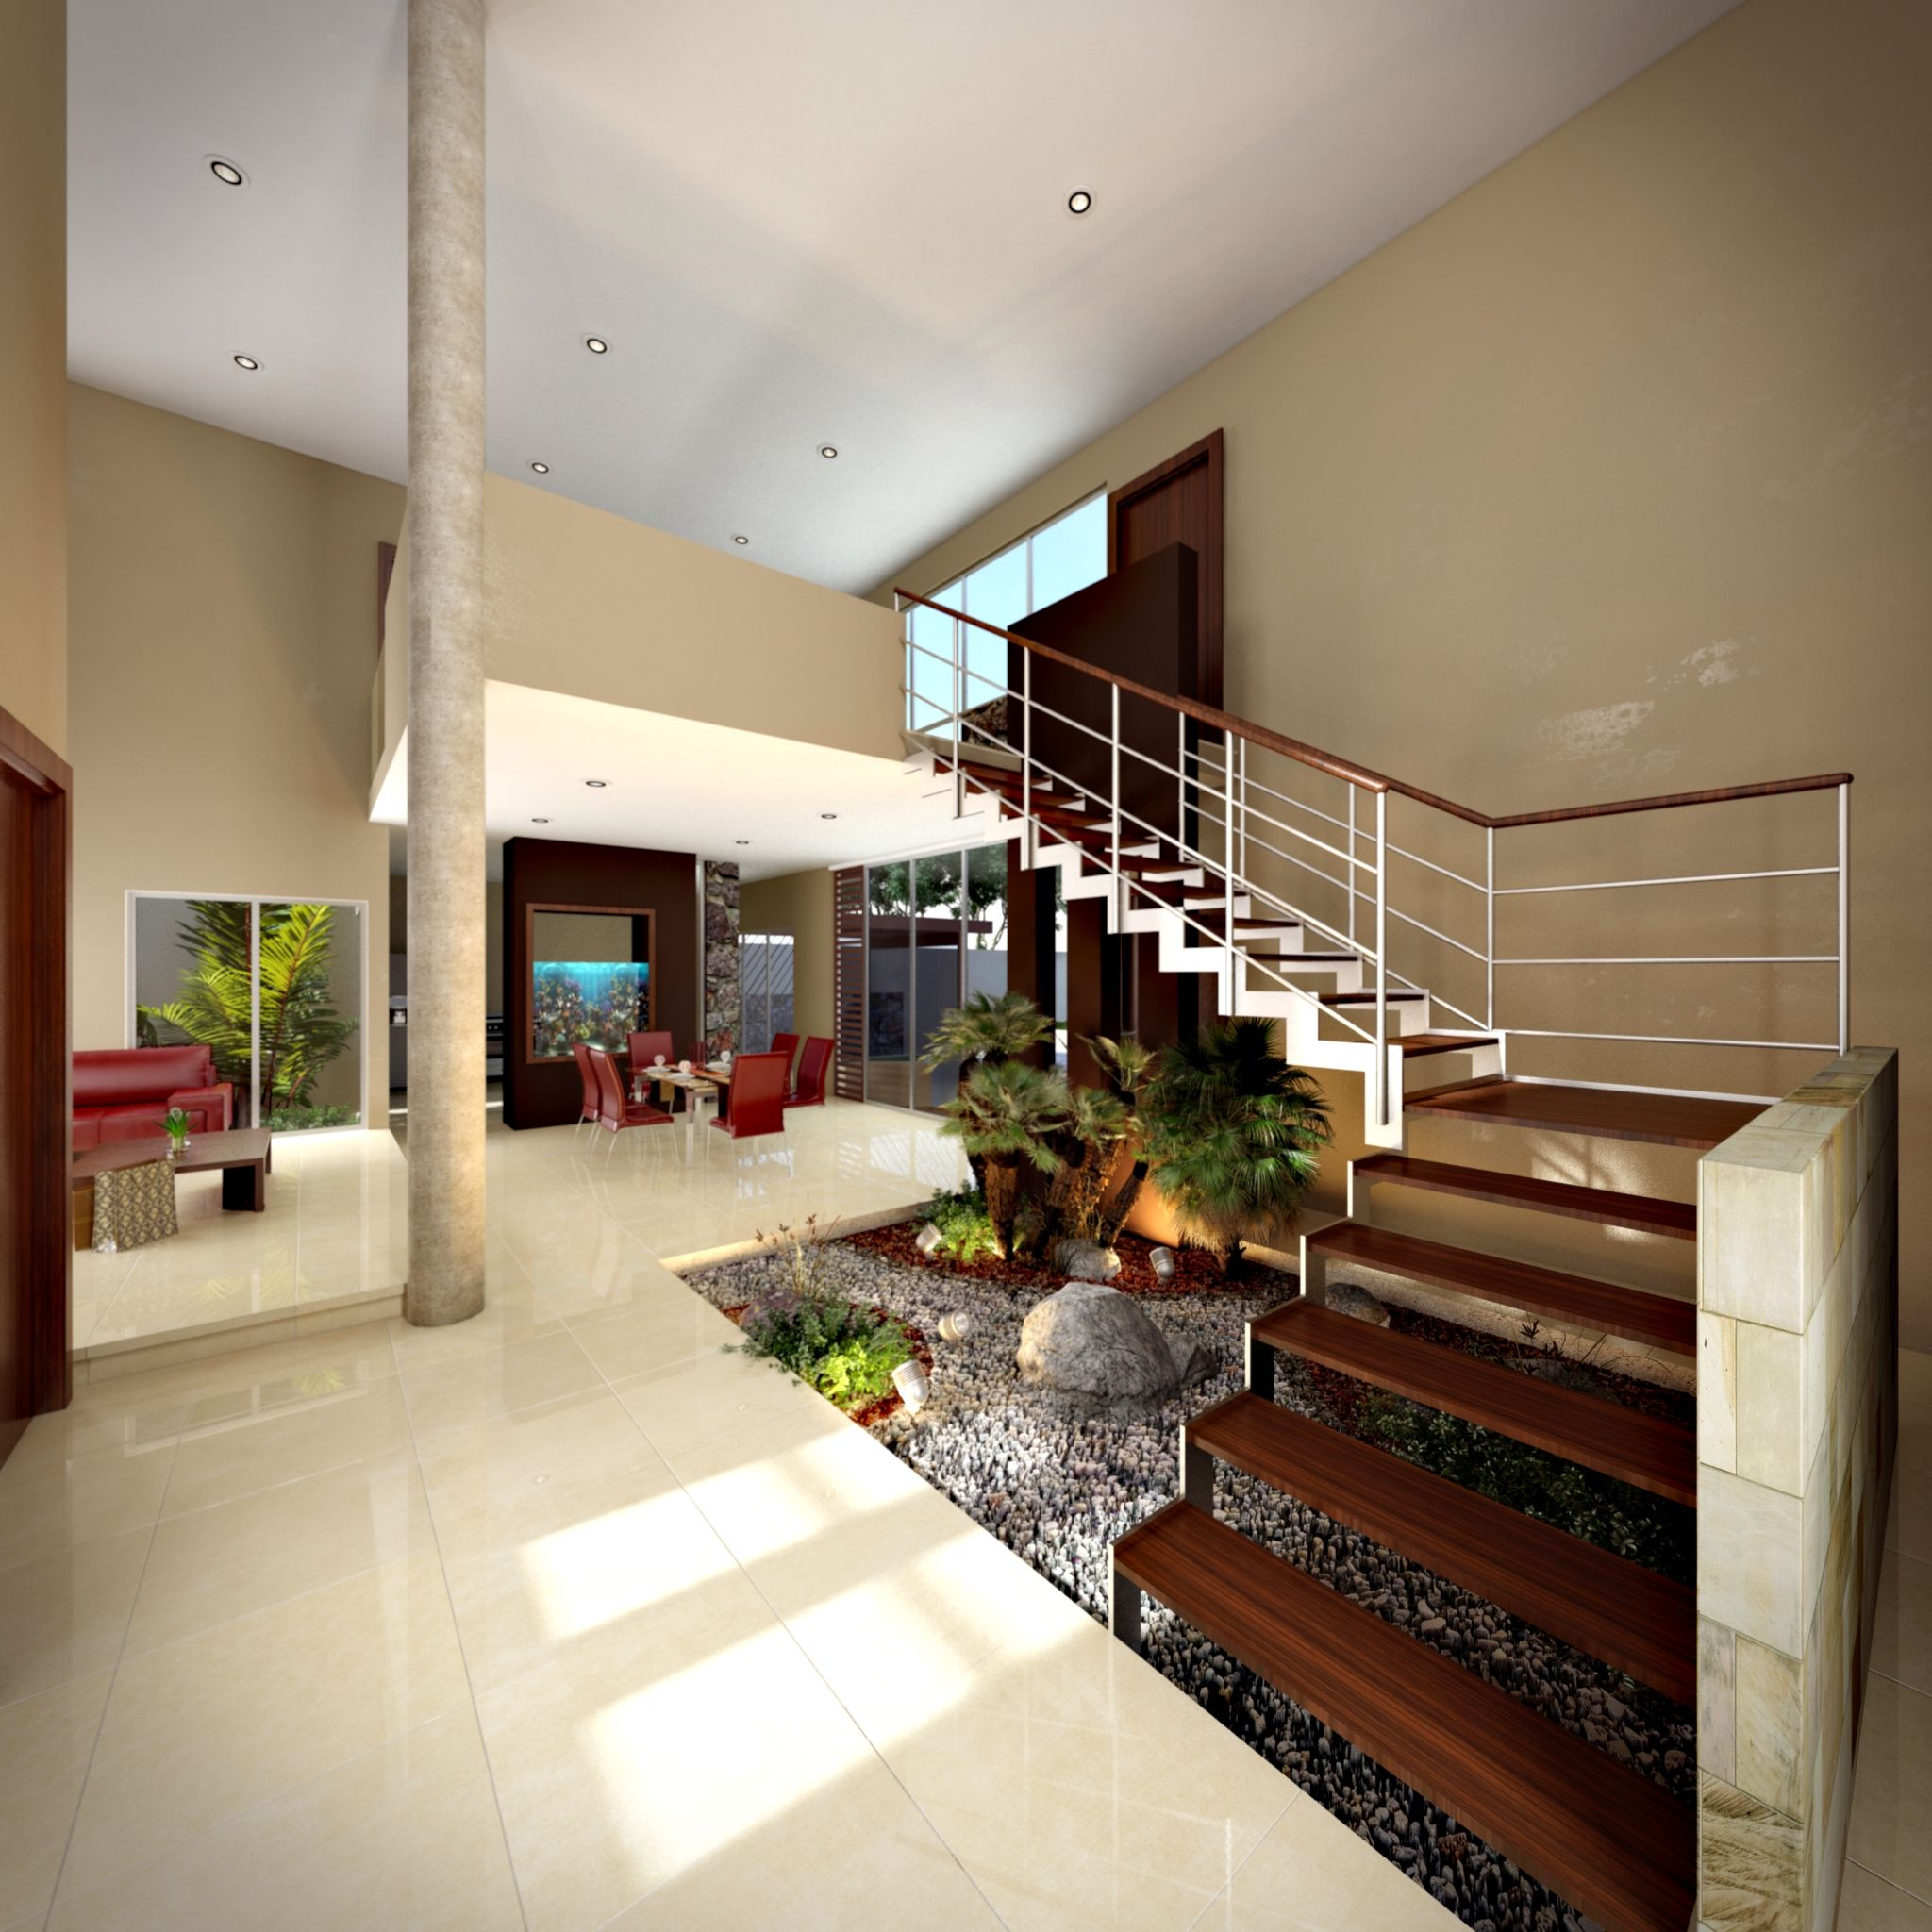 V Stibulo A Doble Altura Escaleras Con Pelda Os De Madera Y  ~ Escaleras Prefabricadas De Madera